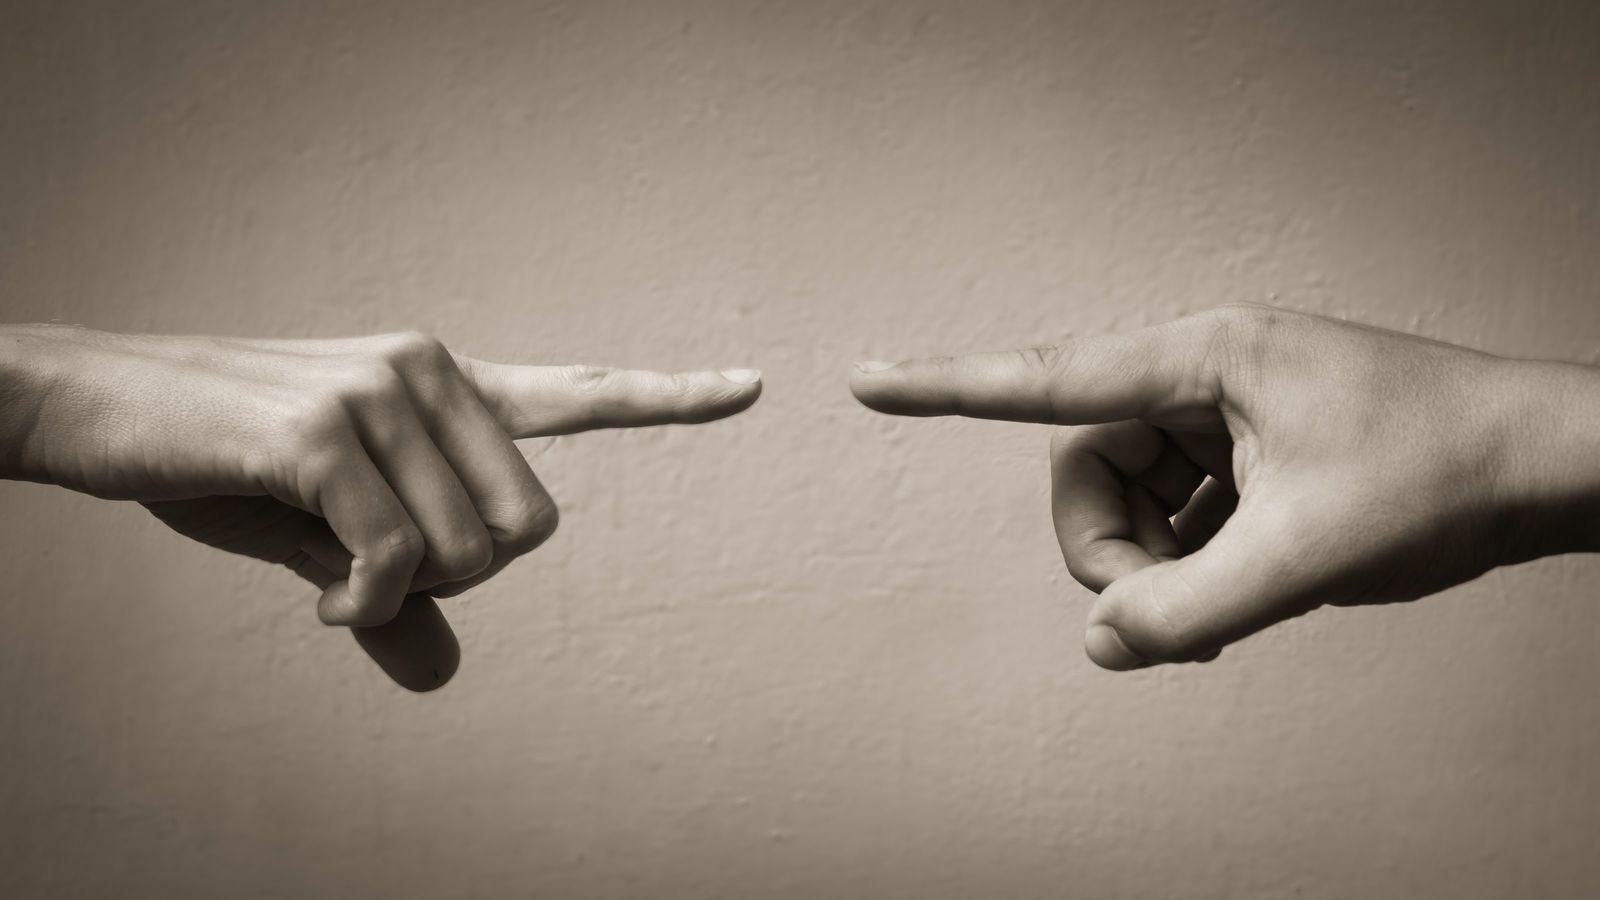 「ネットが社会を分断している」論は誤りである 大半の人は「両論」を見て考えている